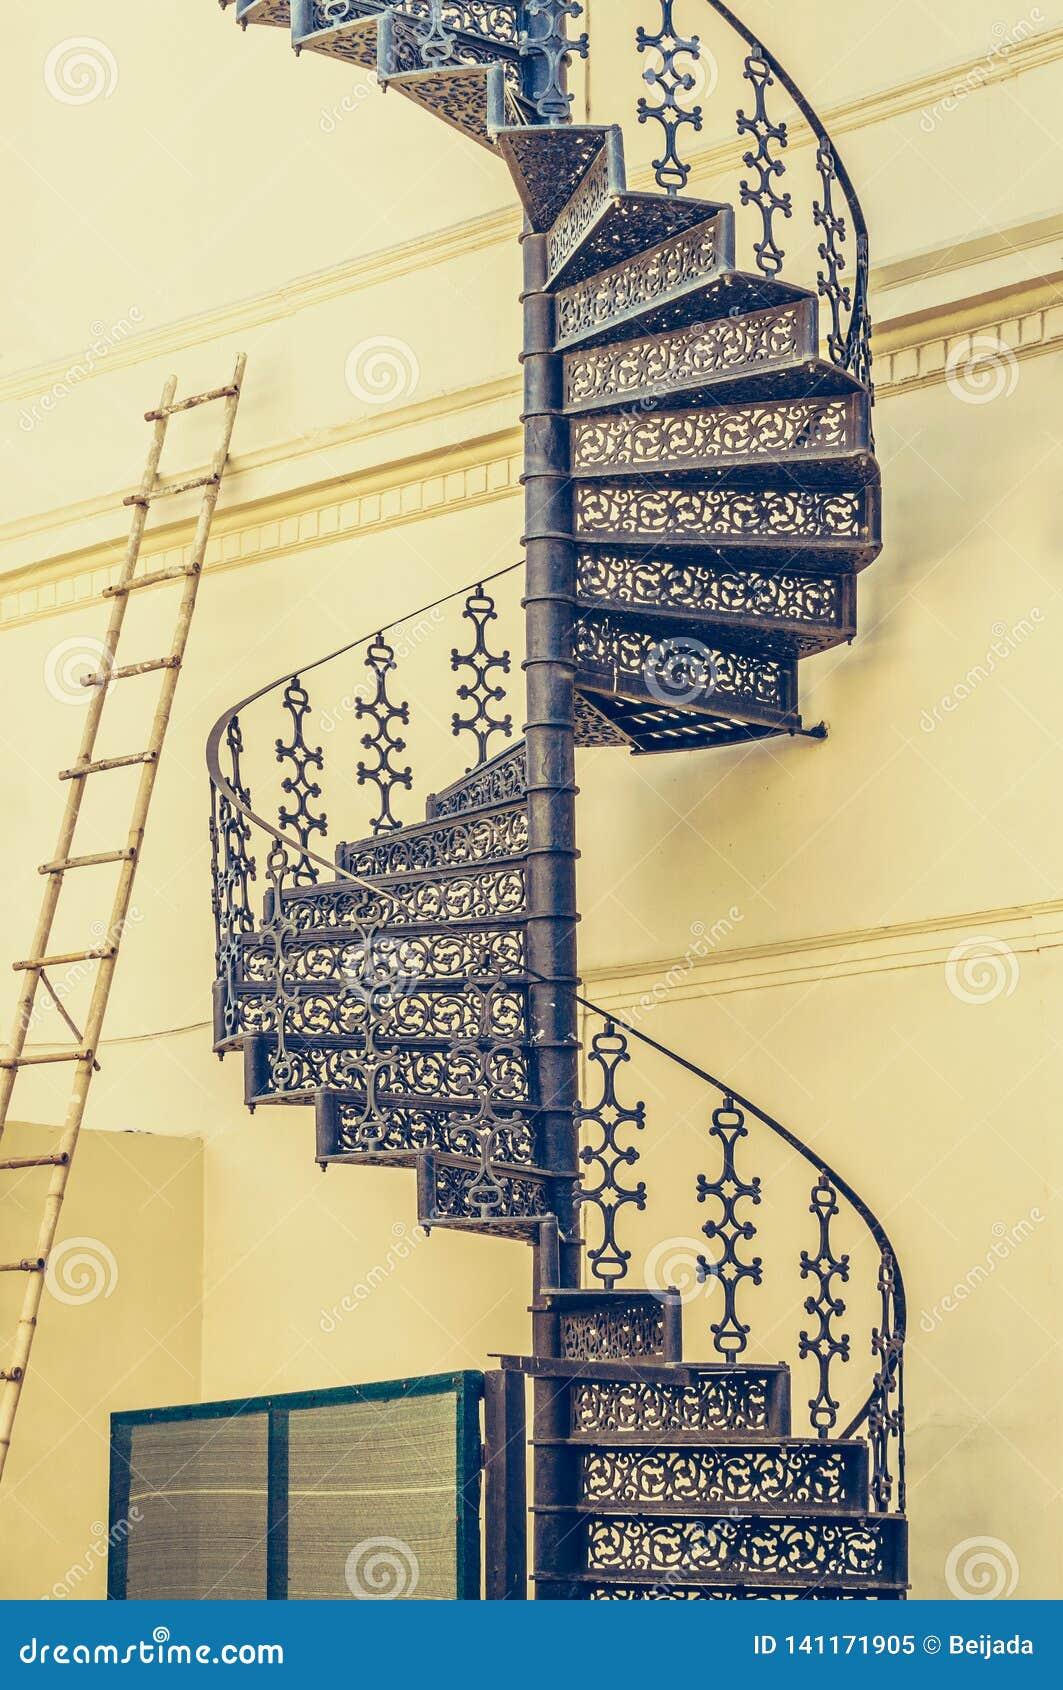 Escalera espiral labrada del escalera del vintage y de bambú en la pared